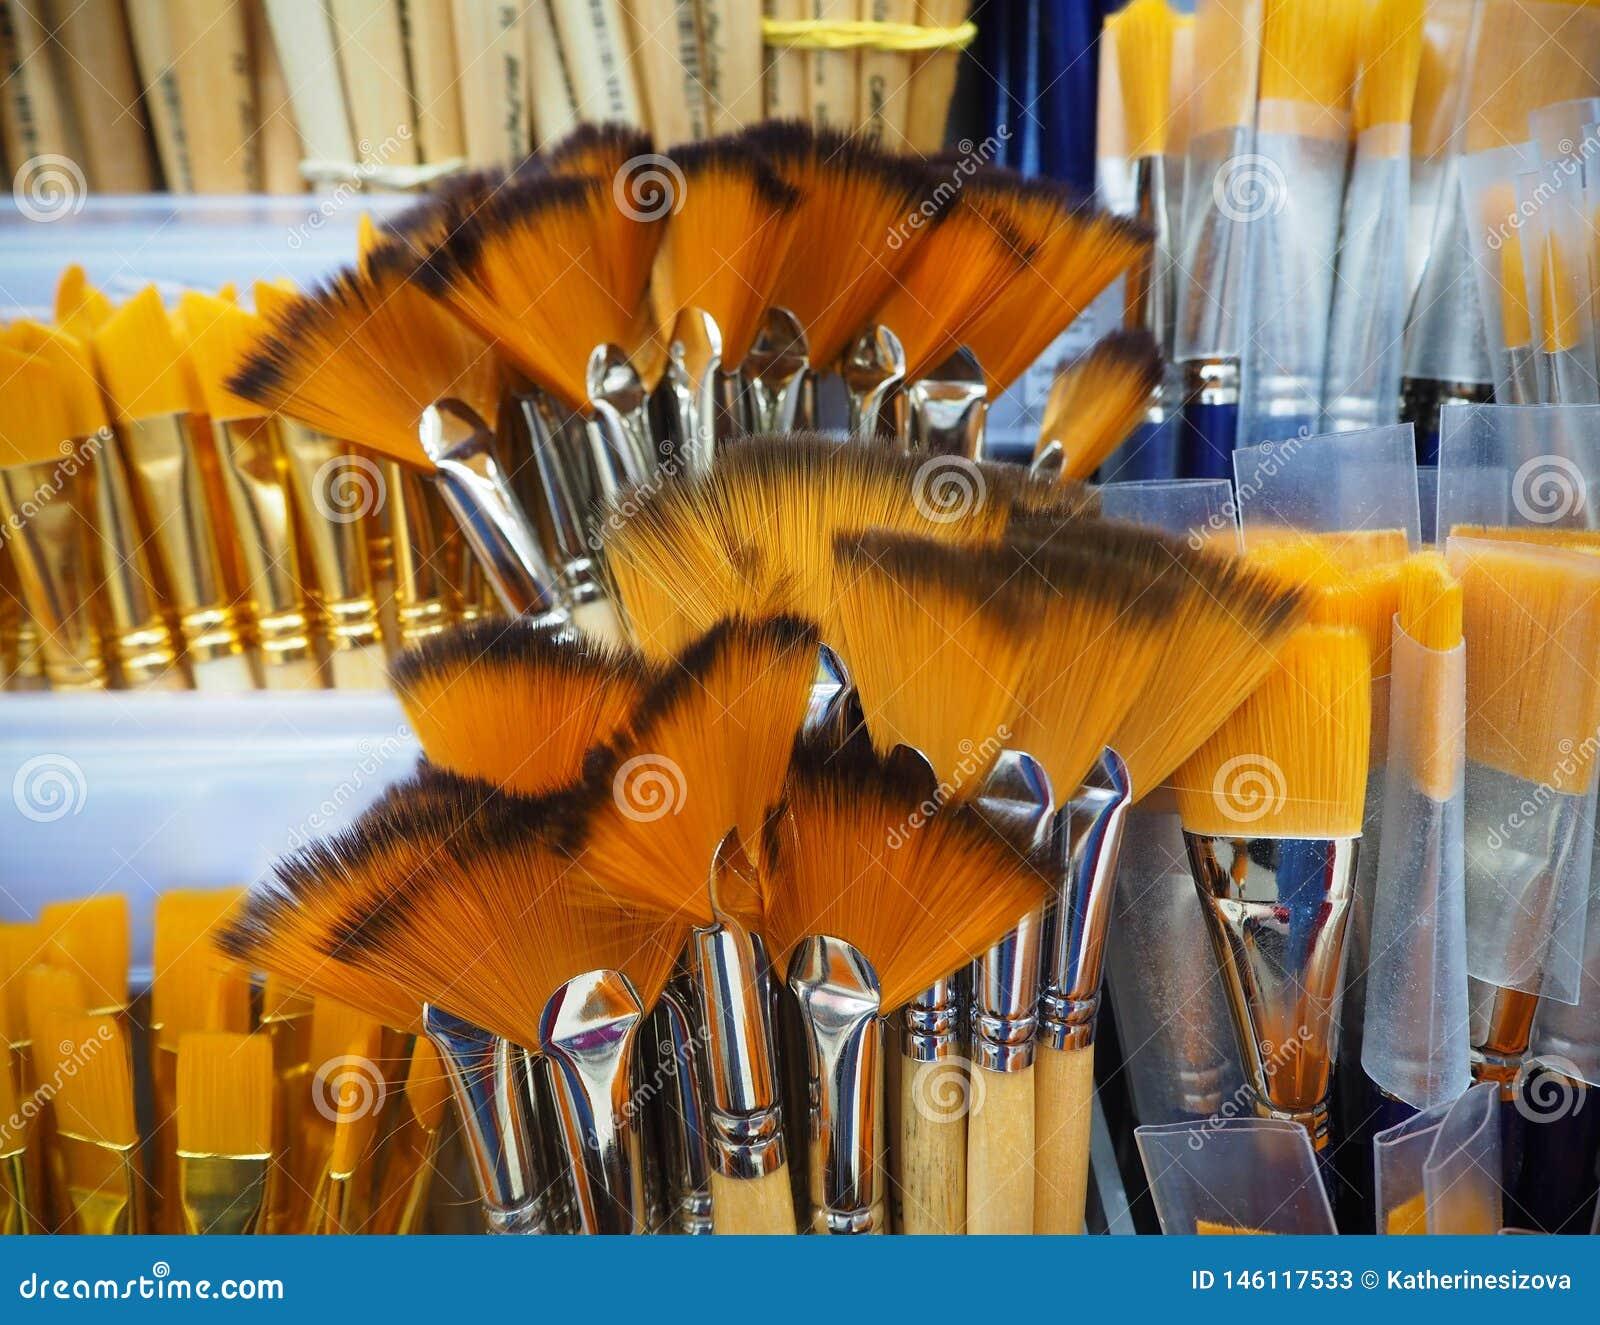 Bos van verfborstels voor kunstenaars in de winkel